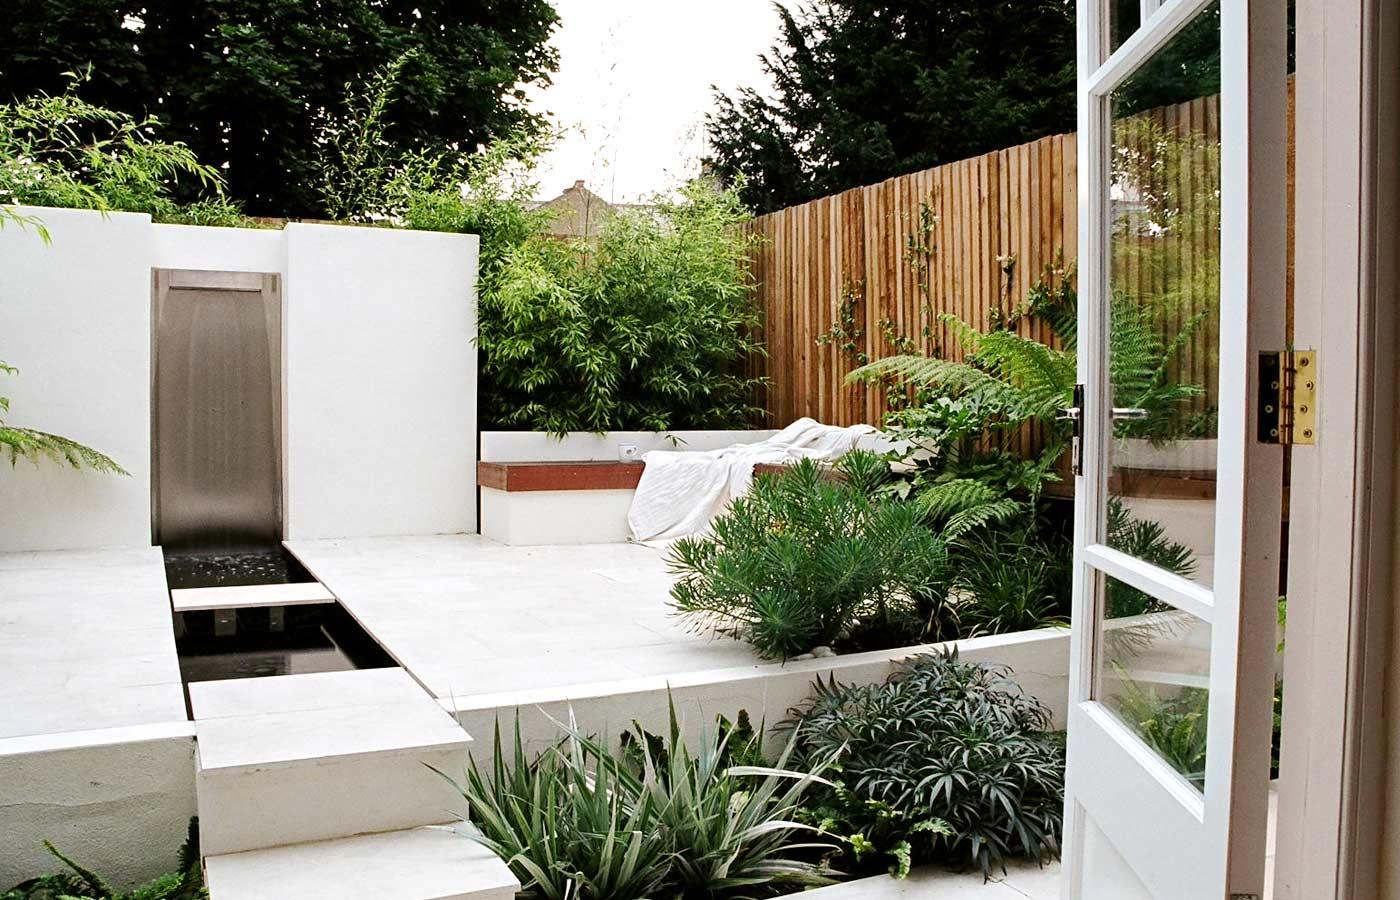 Urbano vrtlarstvo za početnika, svako mjesto je idealno za vrt  Uredite Dom